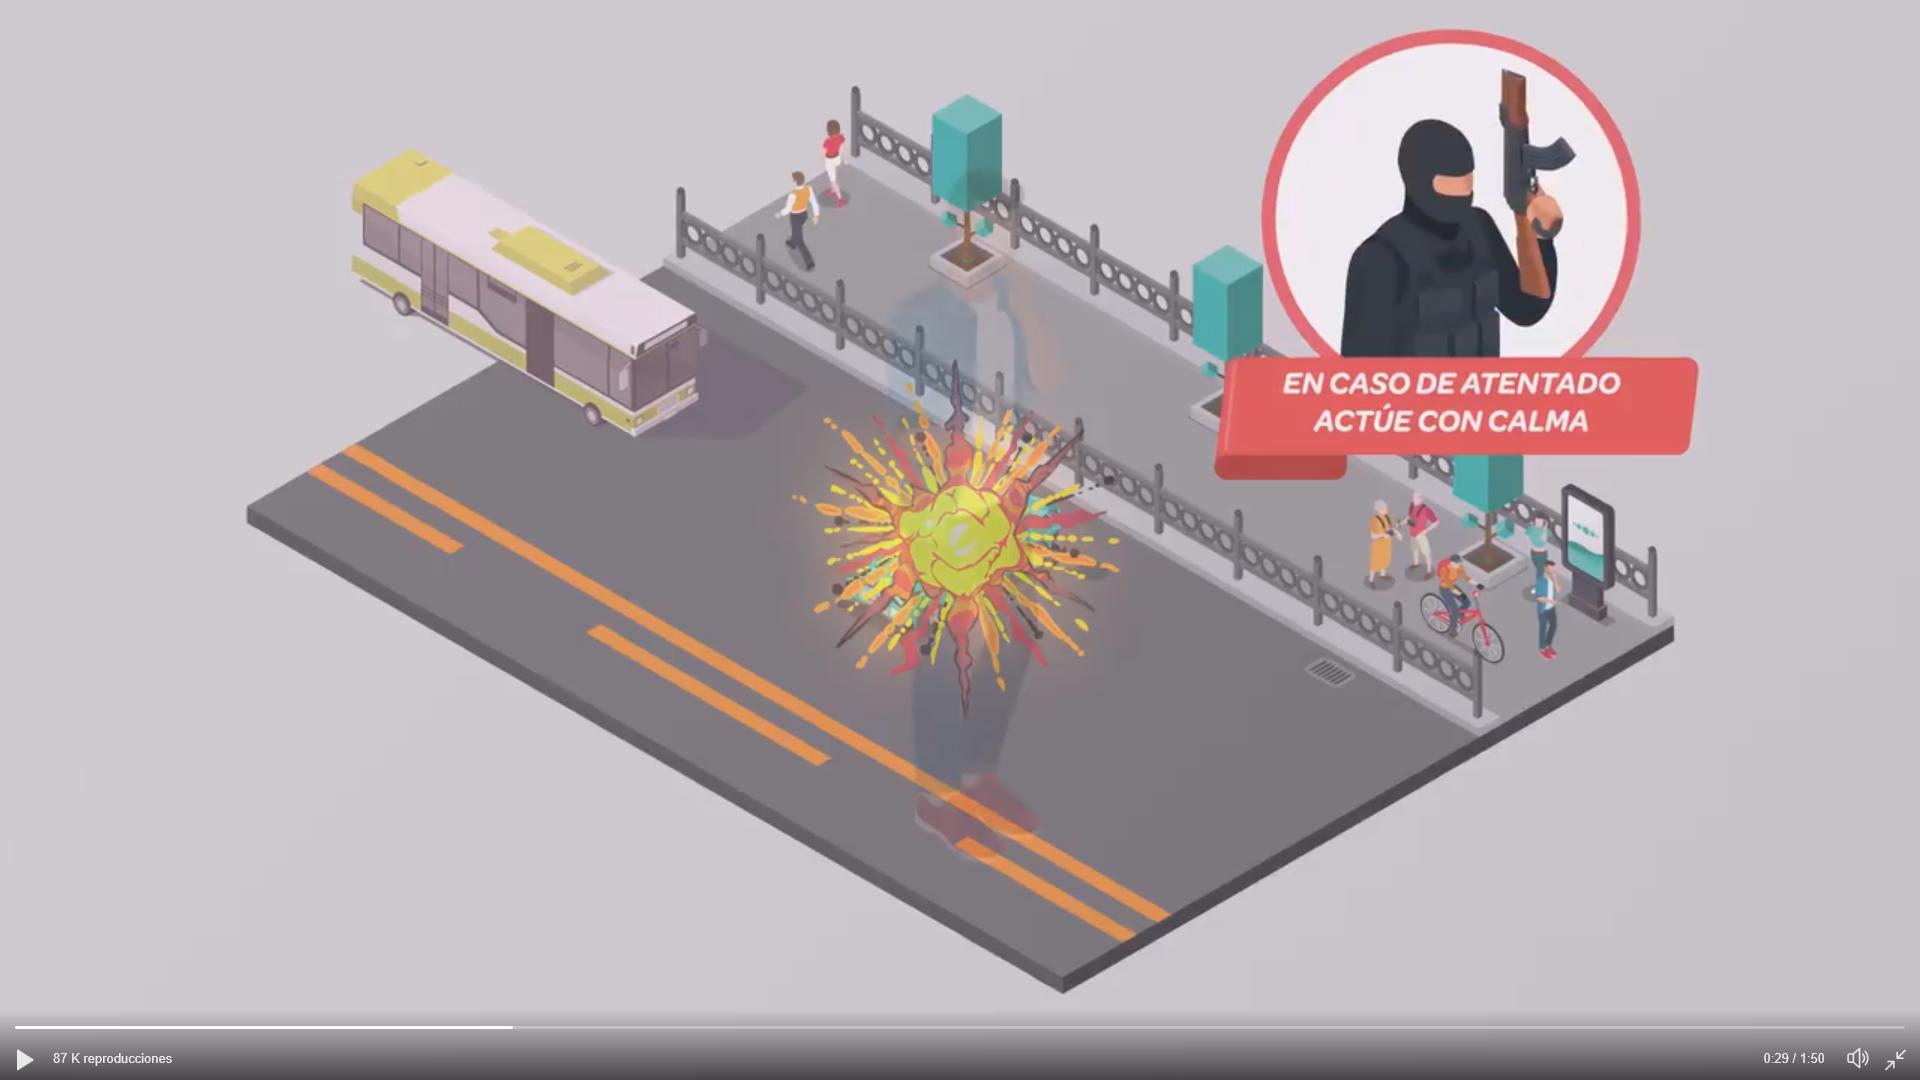 (Vídeo). Consejos y pautas ante un atentado terrorista: Jamás fingir estar muerto